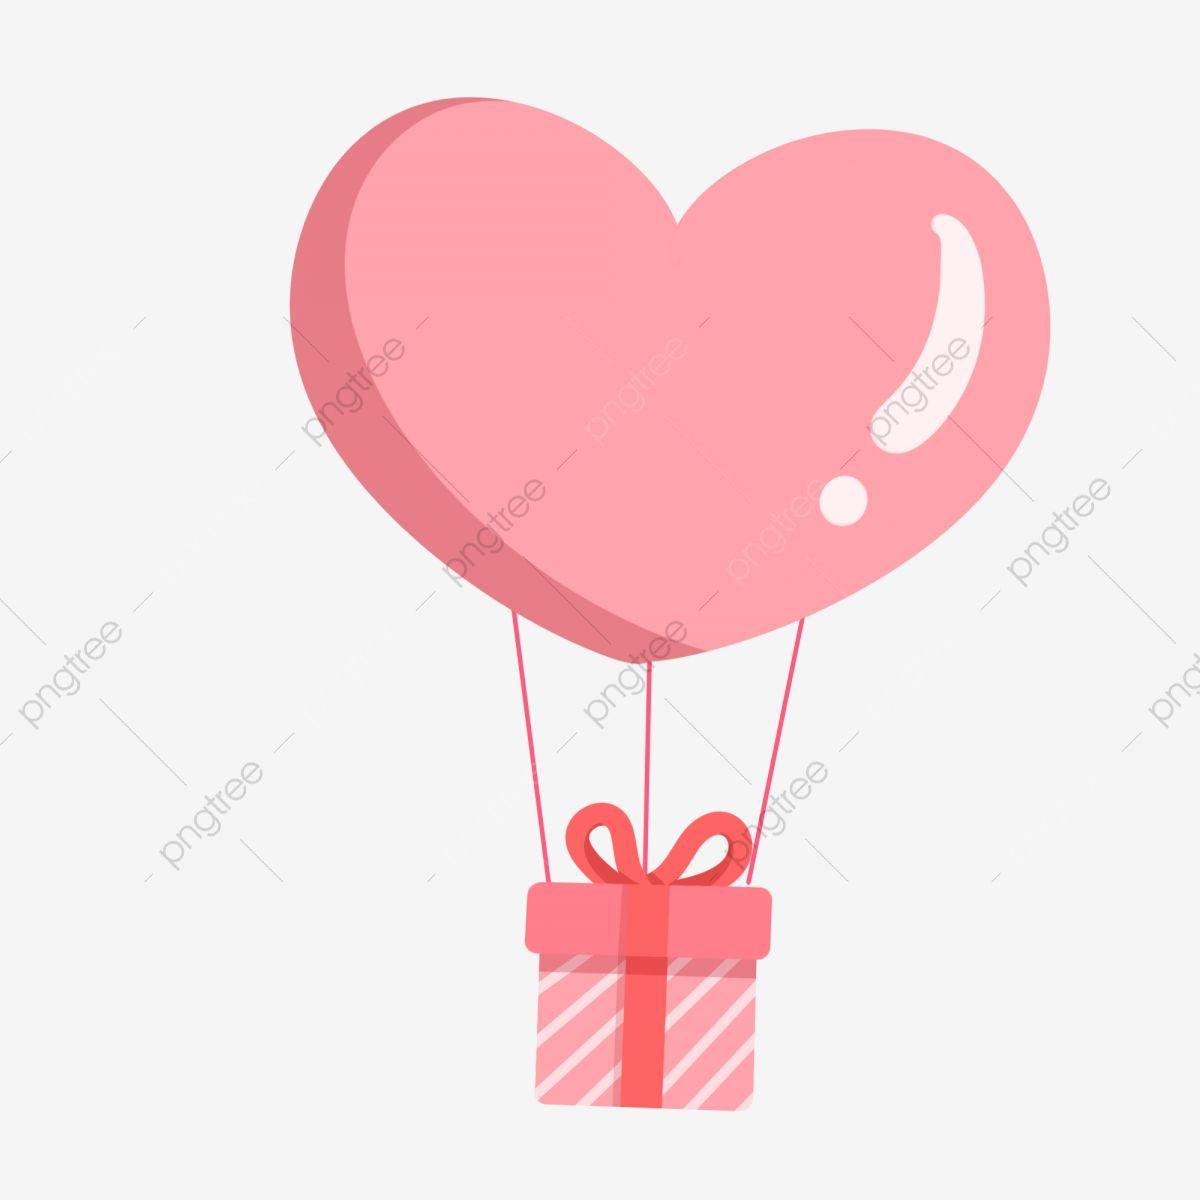 قلب أحمر قلب وردي قلب الحب التوضيح القلب مرسومة باليد القلب هدية مربع Png وملف Psd للتحميل مجانا Corazones Rosados Ilustracion Corazon Elementos De Diseno